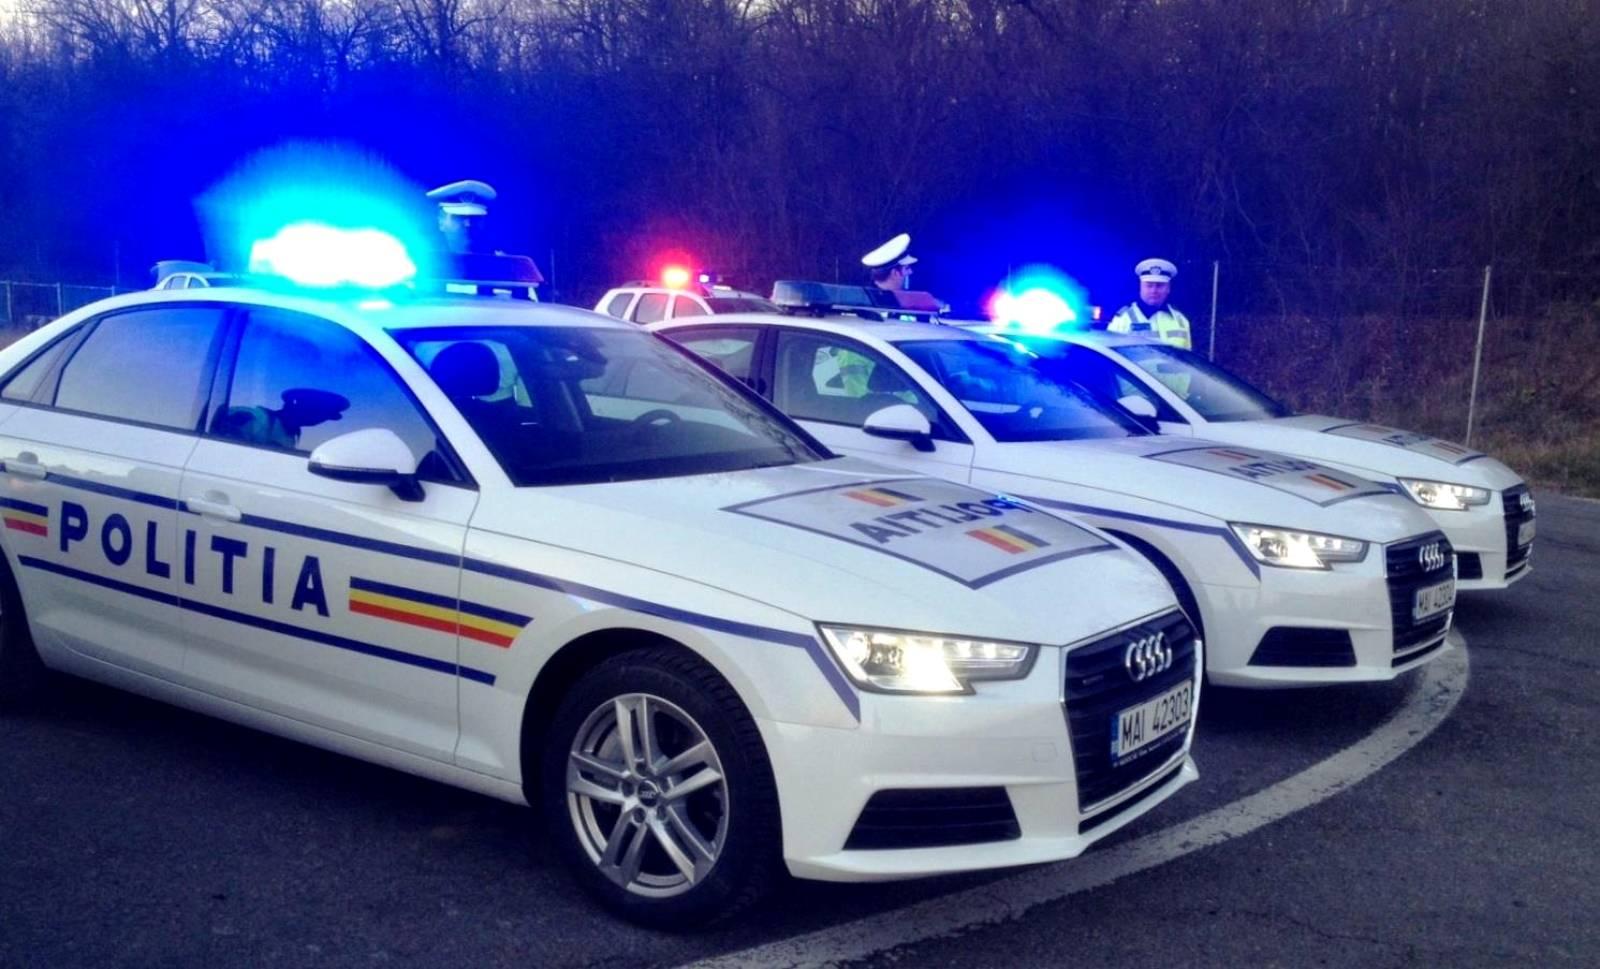 Politia Romana avertizare furnizarea datelor identificare